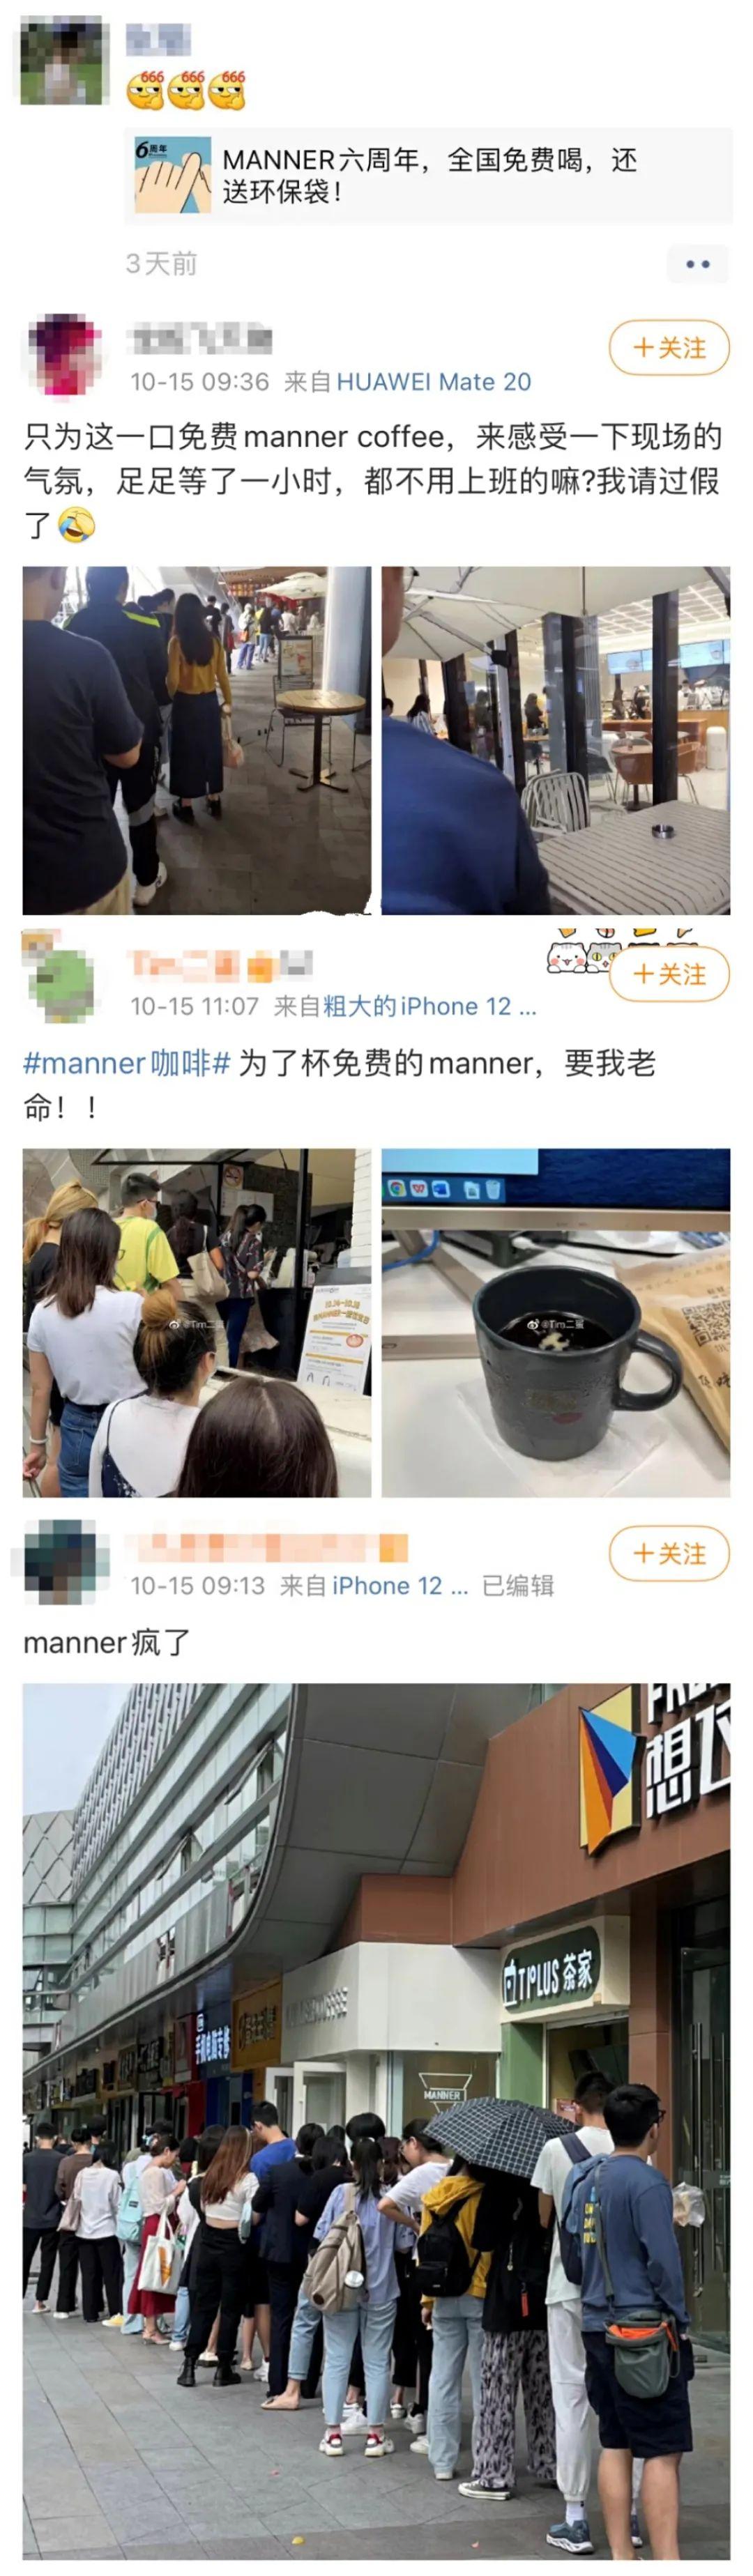 上海咖啡品牌Manner咖啡排长龙!!你愿意为免费咖啡排长队吗?